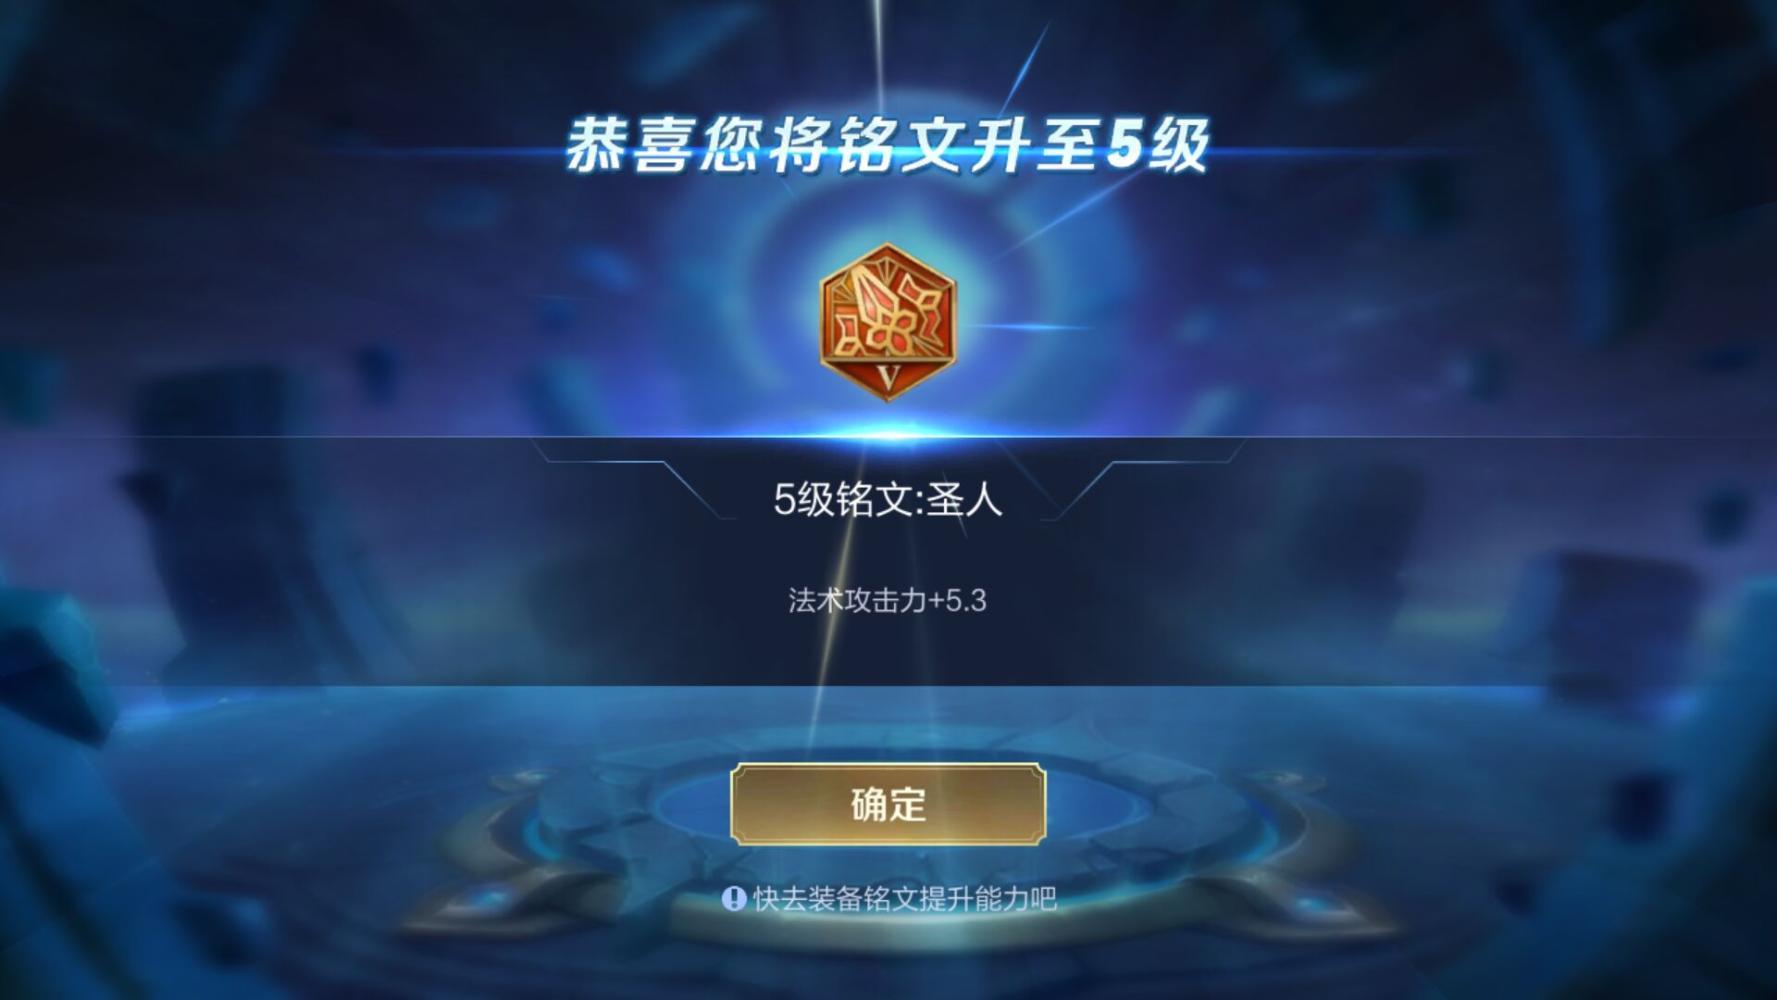 王者荣耀:铭文碎片多了也忧伤,玩家46万铭文碎片不知如何选铭文